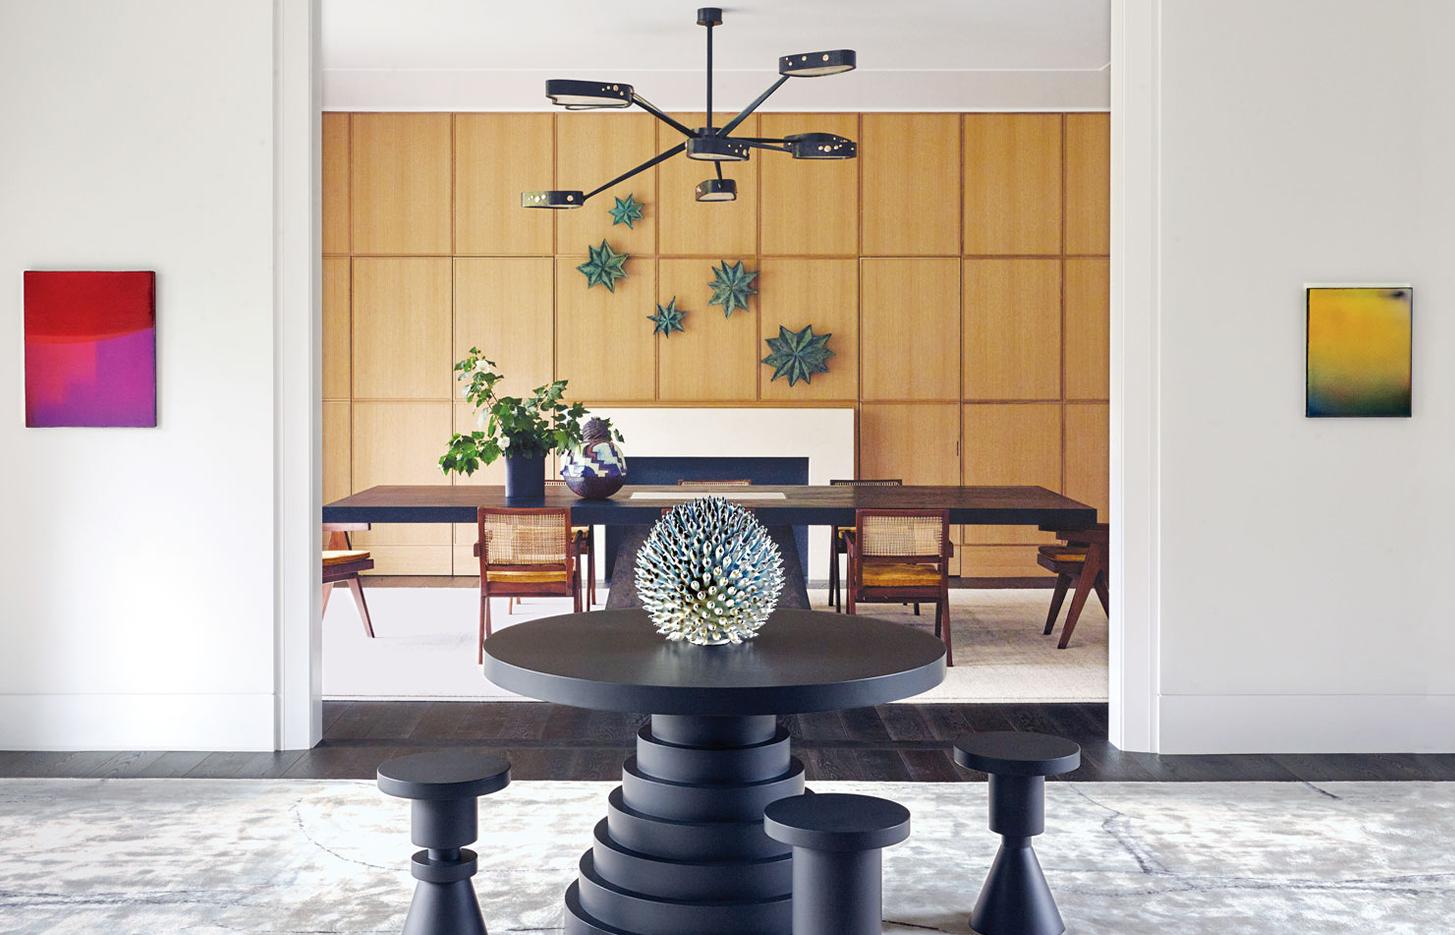 Ike Kligerman Barkley | A Shingle Style House